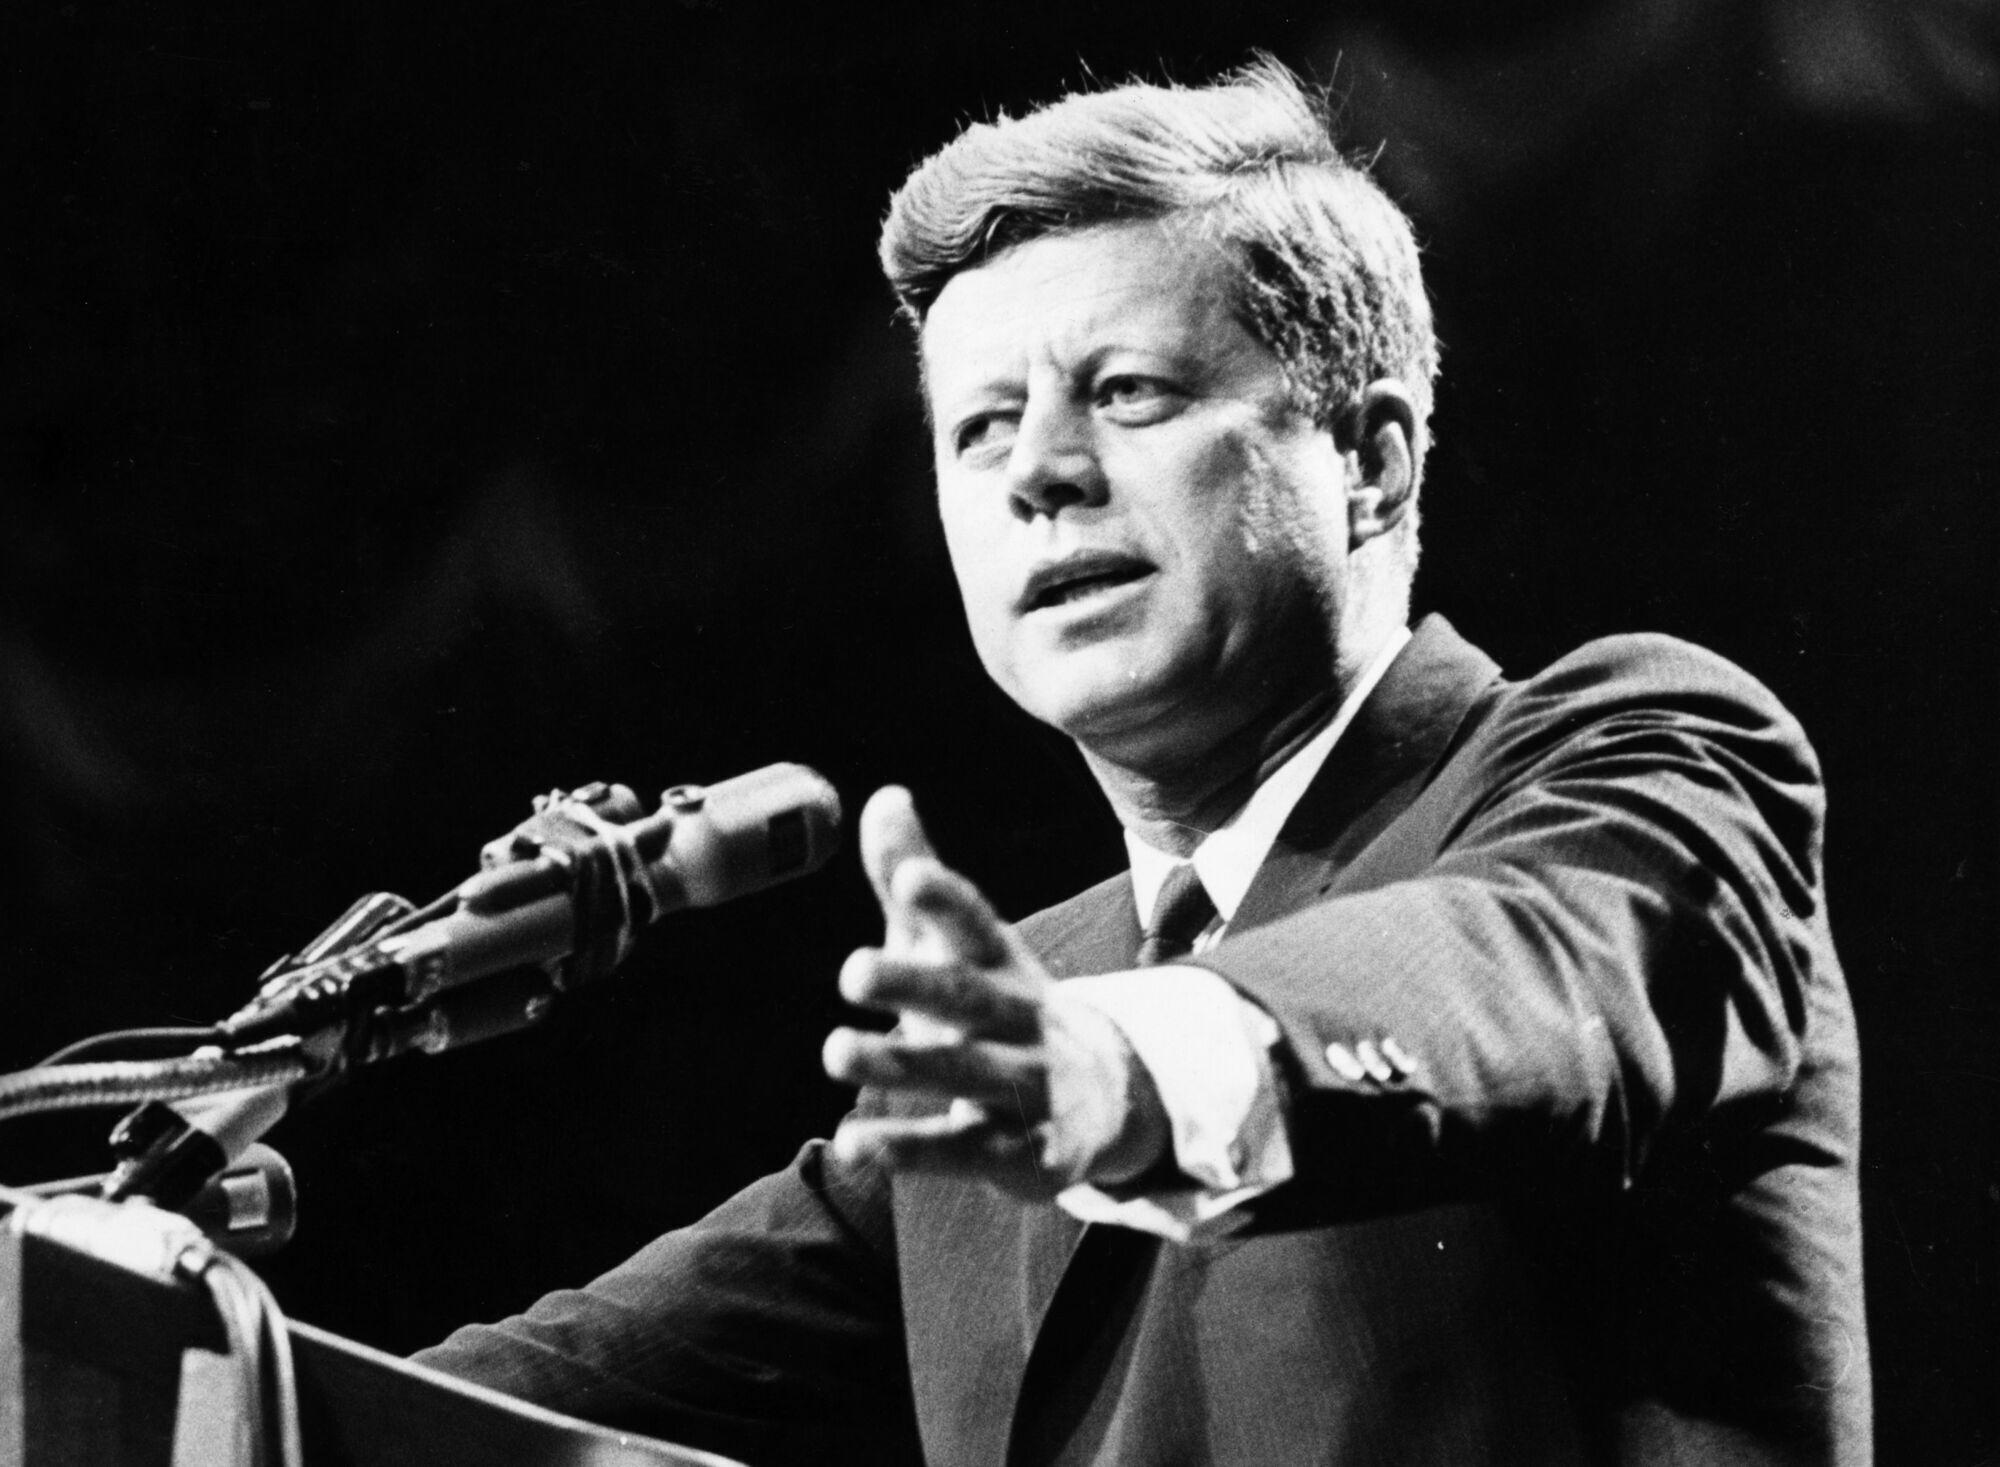 """Нібито Кеннеді казав, що СРСР виграв космічну гонку """"за шкільною партою"""""""